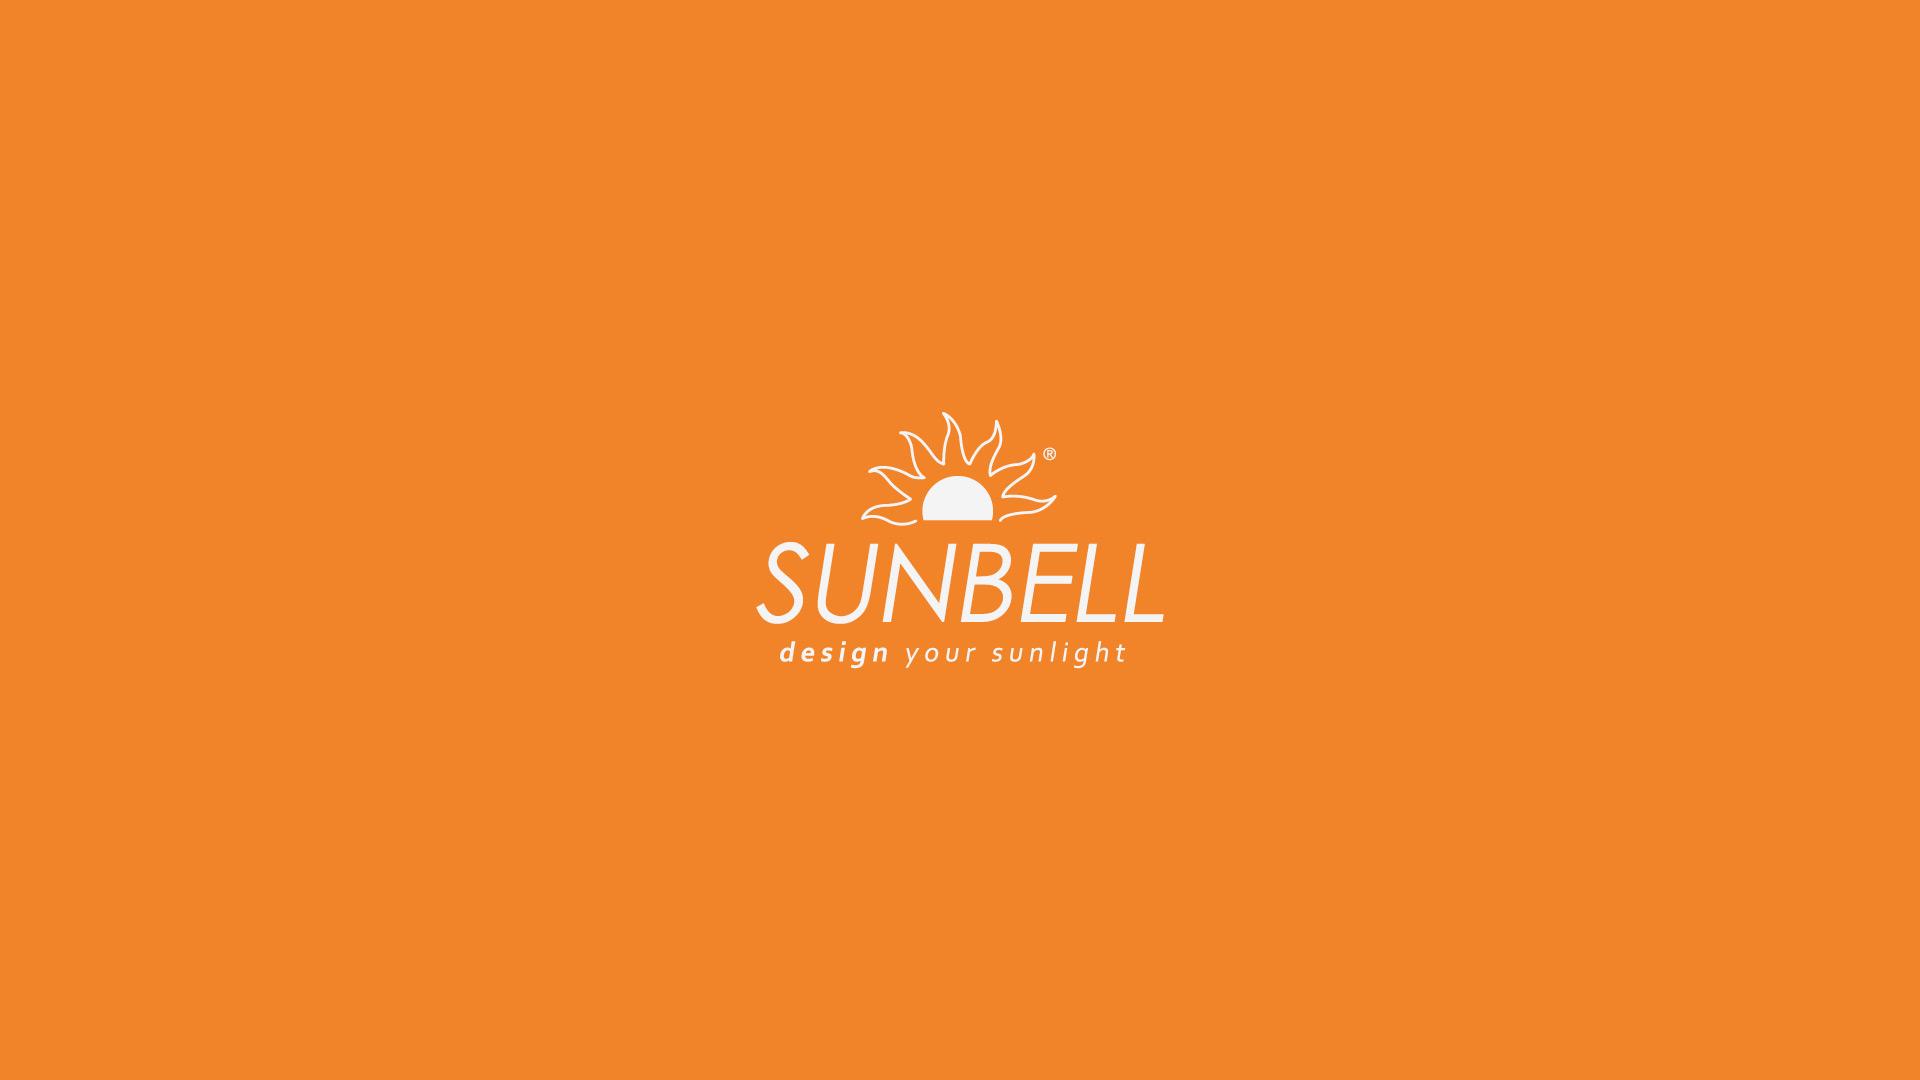 Sunbell